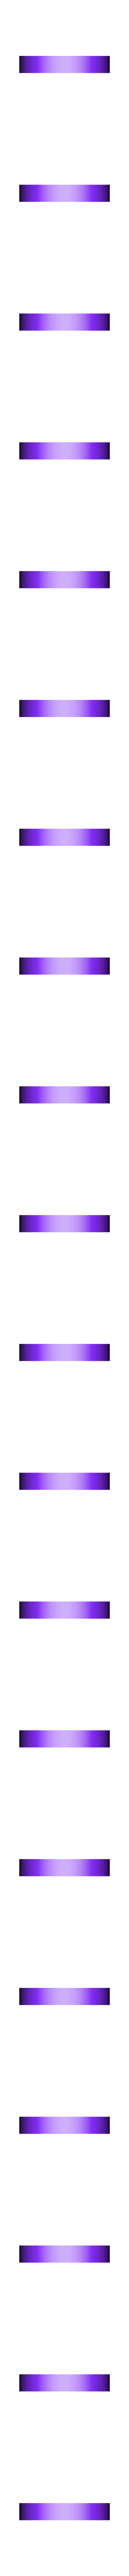 screw_test.stl Télécharger fichier STL gratuit Distributeur bocal polyvalent • Design pour imprimante 3D, Barbe_Iturique